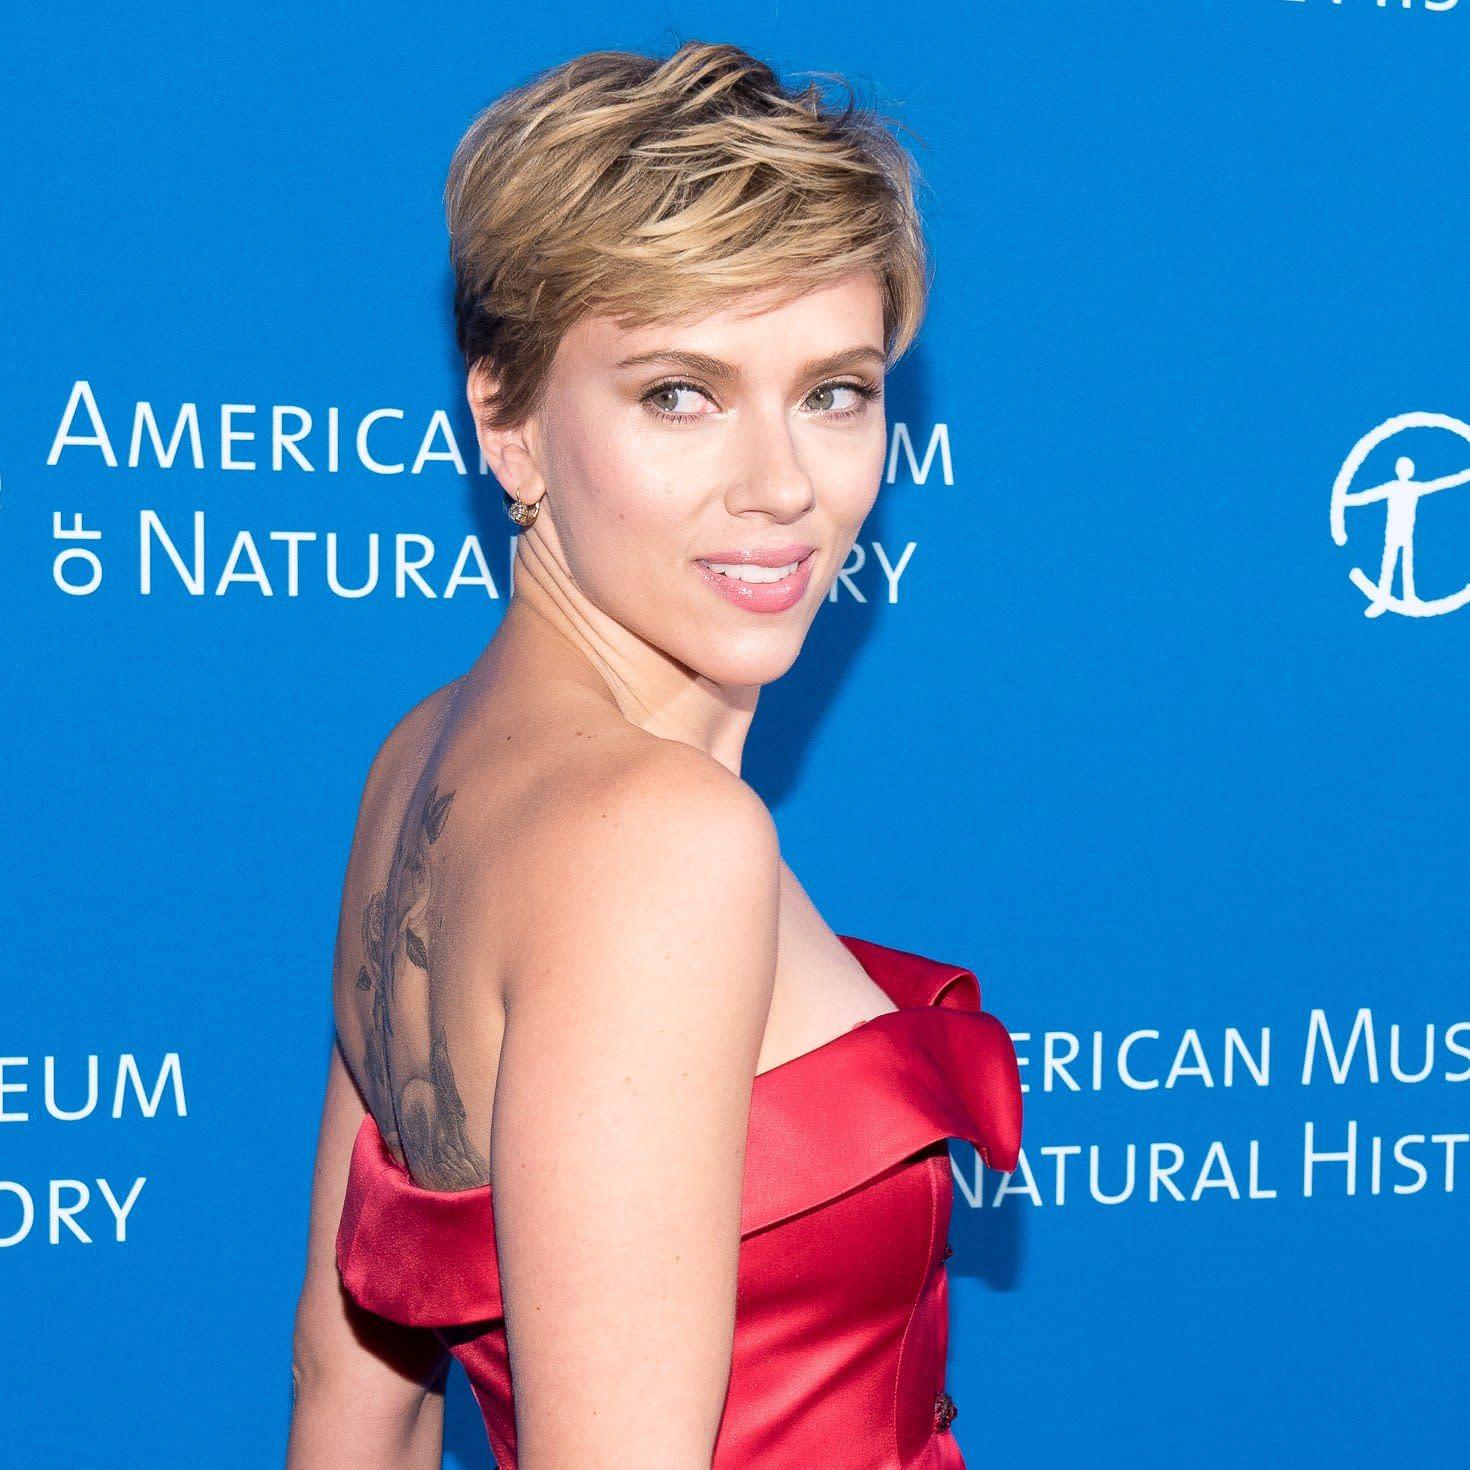 Ass johansson Scarlett Johansson's